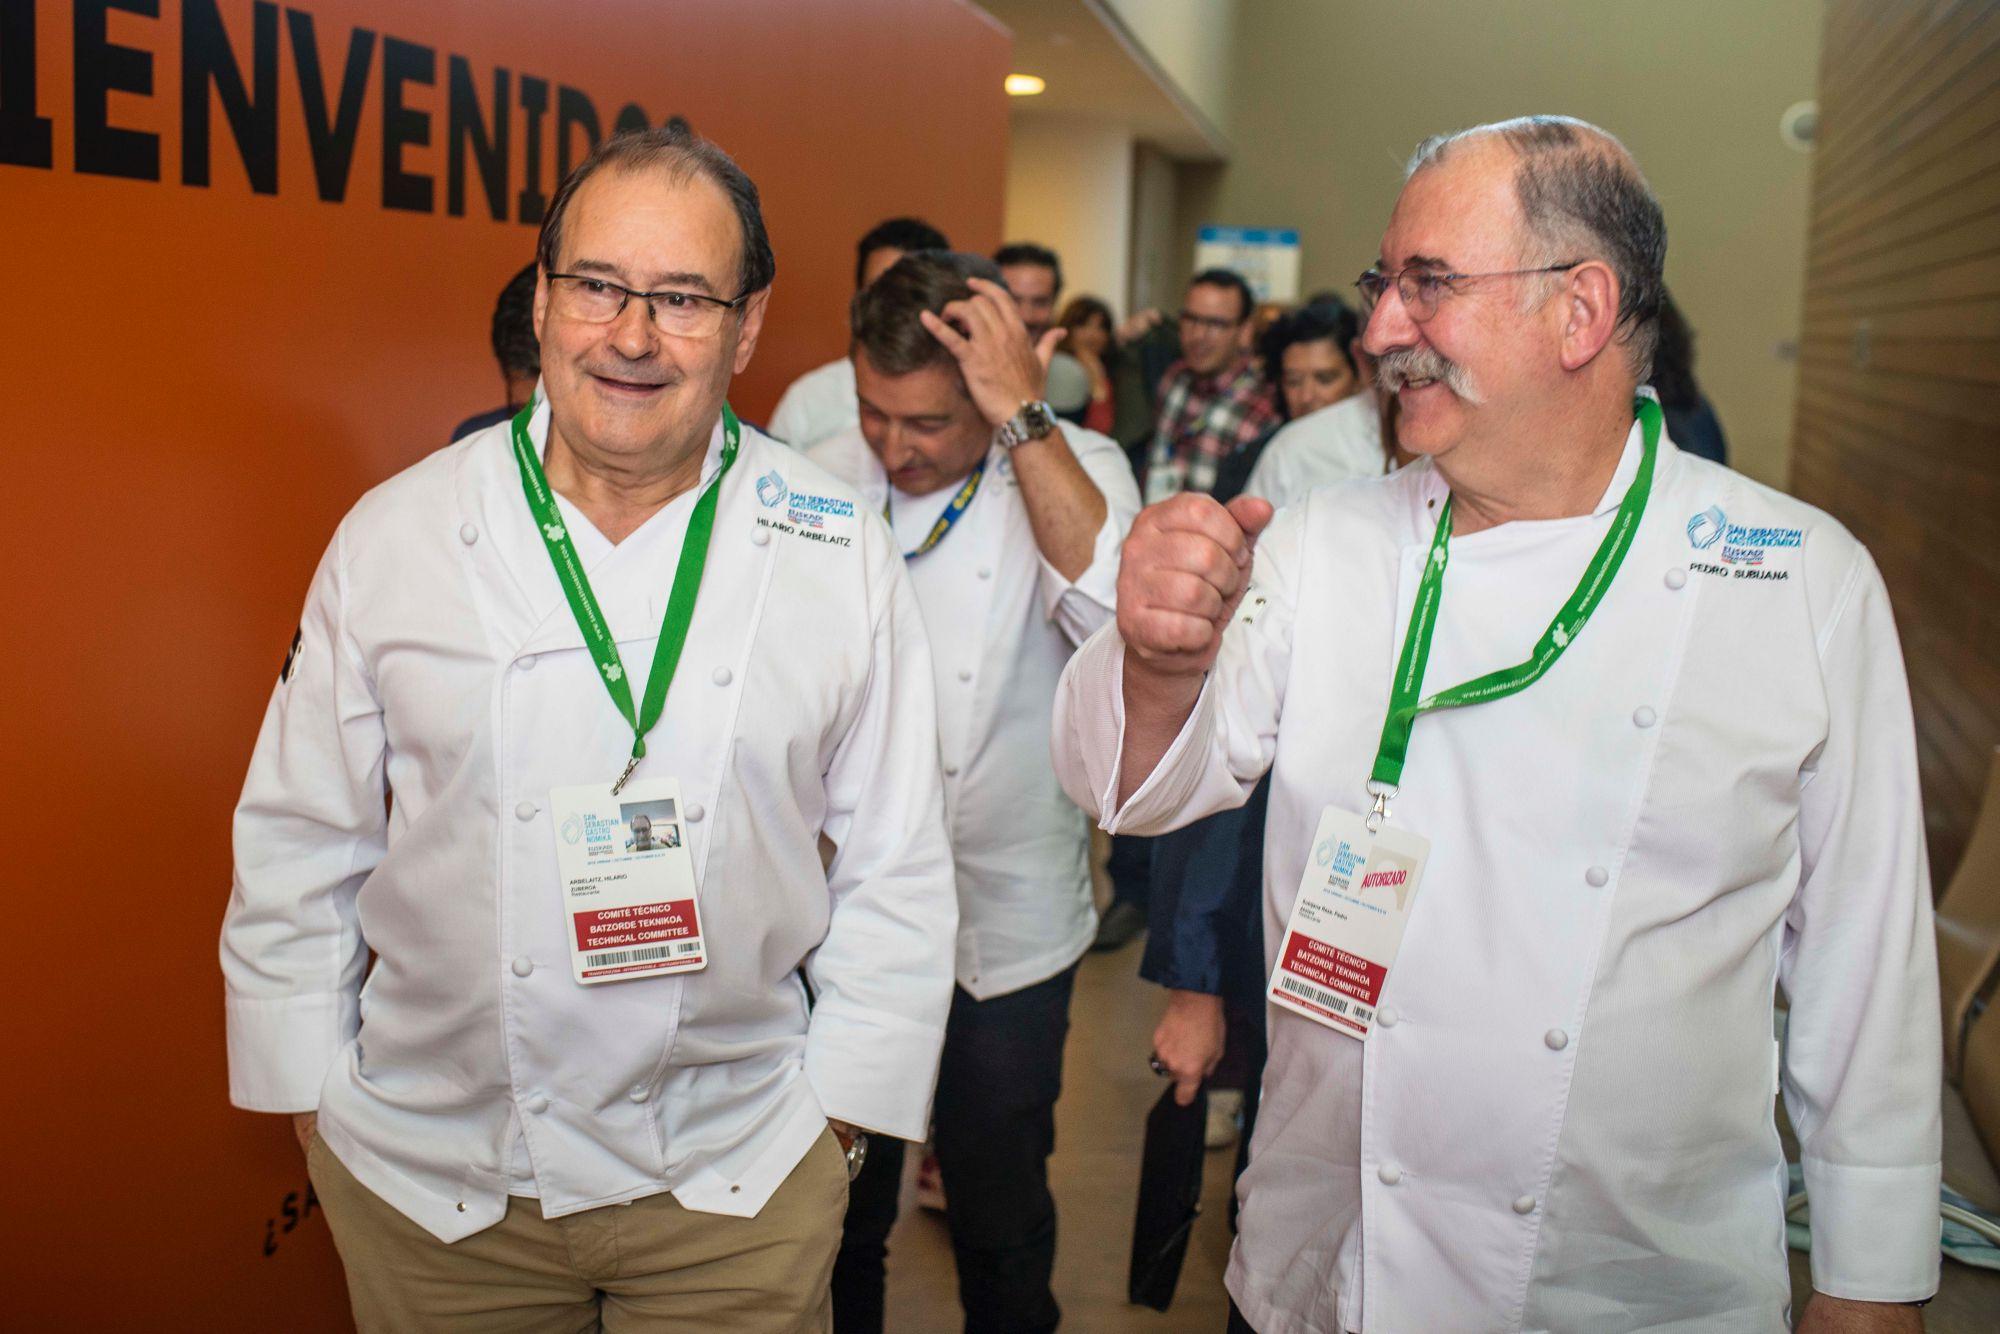 Arbelaitz, Roca y Subijana, orgullosos del triunfo de algunas de las mujeres que han pasado por sus cocinas. Foto: Alfredo Cáliz.